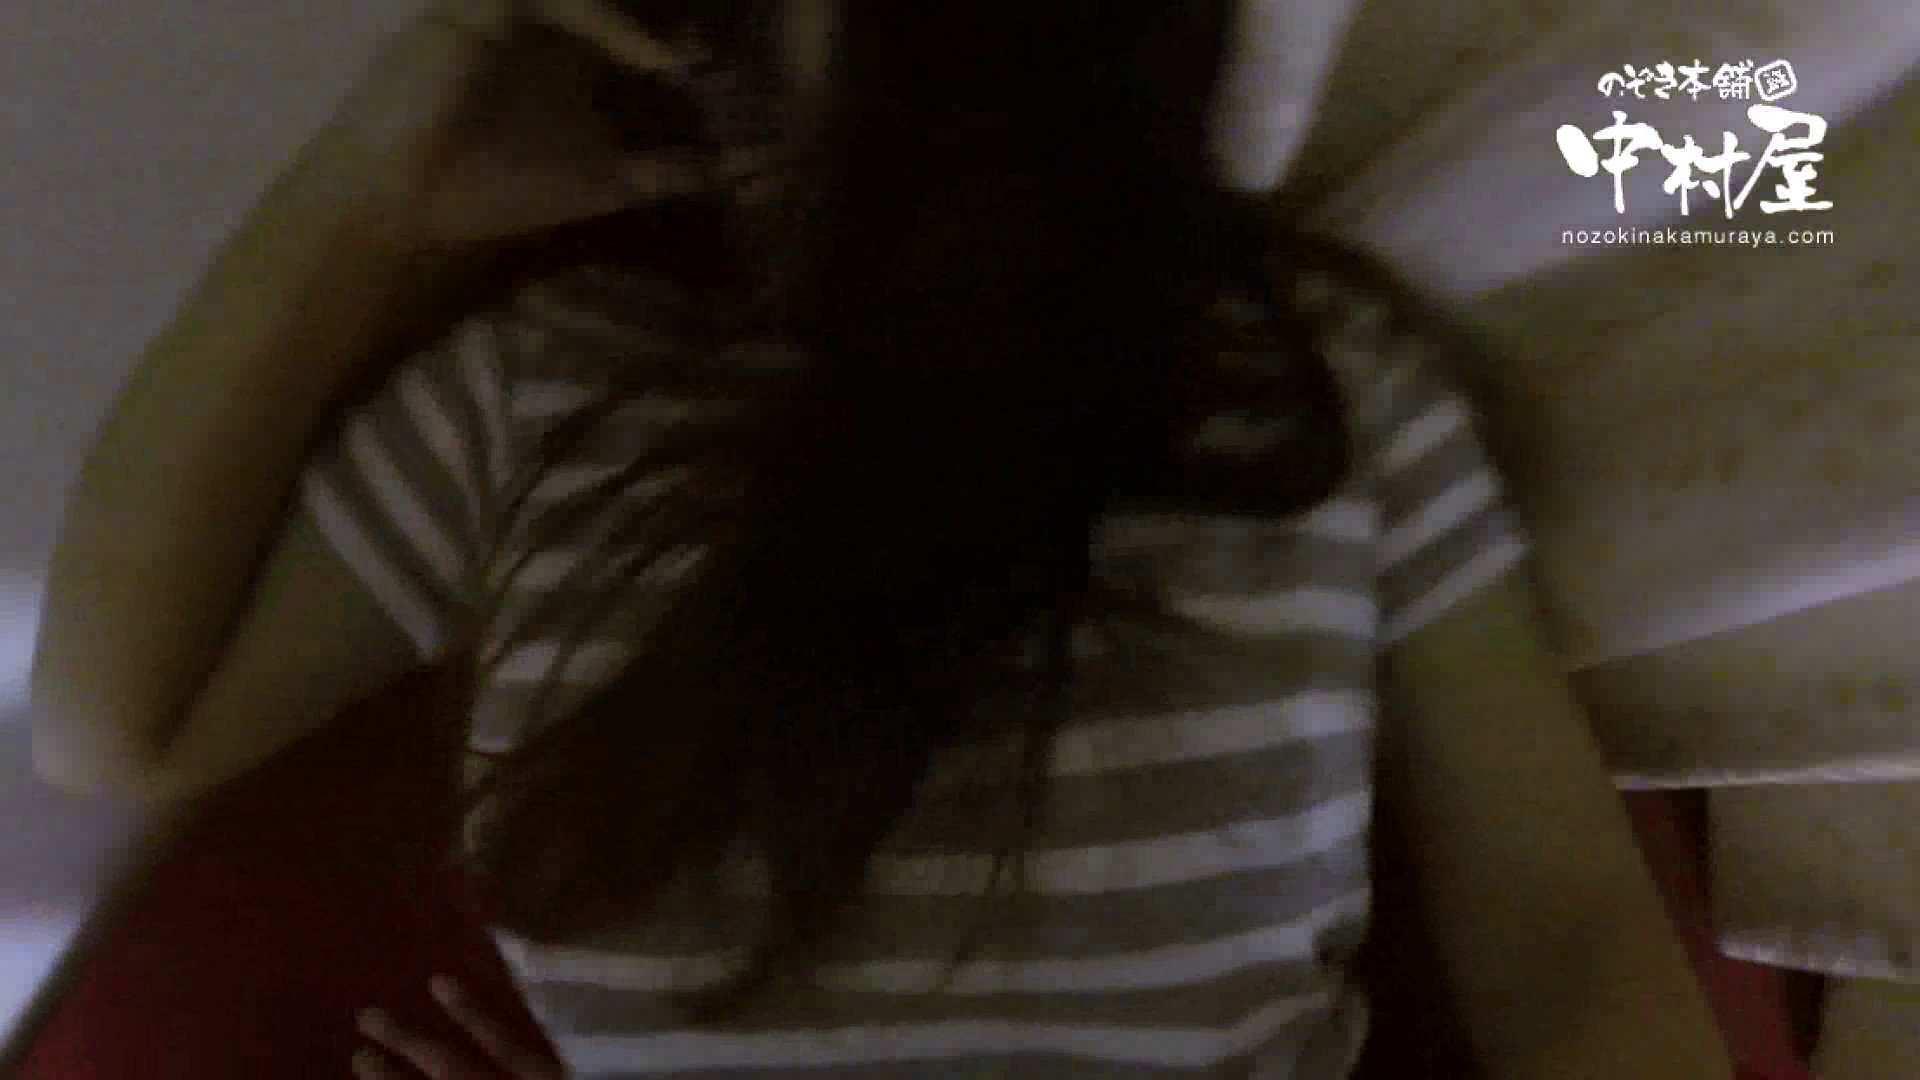 鬼畜 vol.05 誰にも言うなよ! はぃ… 後編 OLエロ画像   鬼畜  99PICs 35